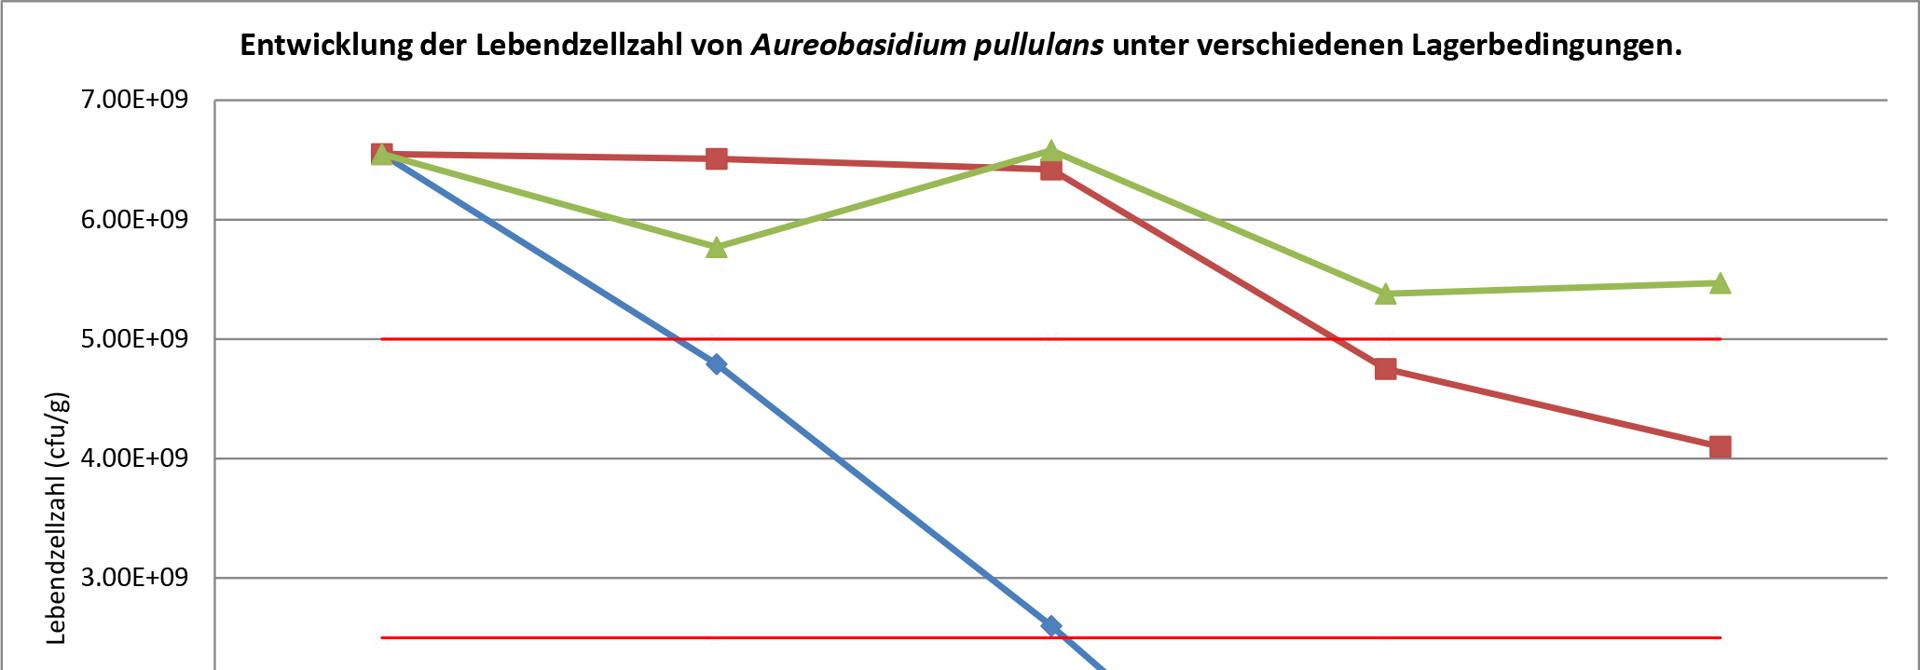 Abbildung 1: Untersuchung von BlossomProtect-Proben zwischen dem Herstellungsjahr 2016 und 2020. Dargestellt sind die Lebendzellzahlen (cfu/g) von Aureobasidium pullulans bei unterschiedlichen Lagertemperaturen gemu00e4ss den ju00e4hrlich durchgefu00fchrten Laboranalysen .>